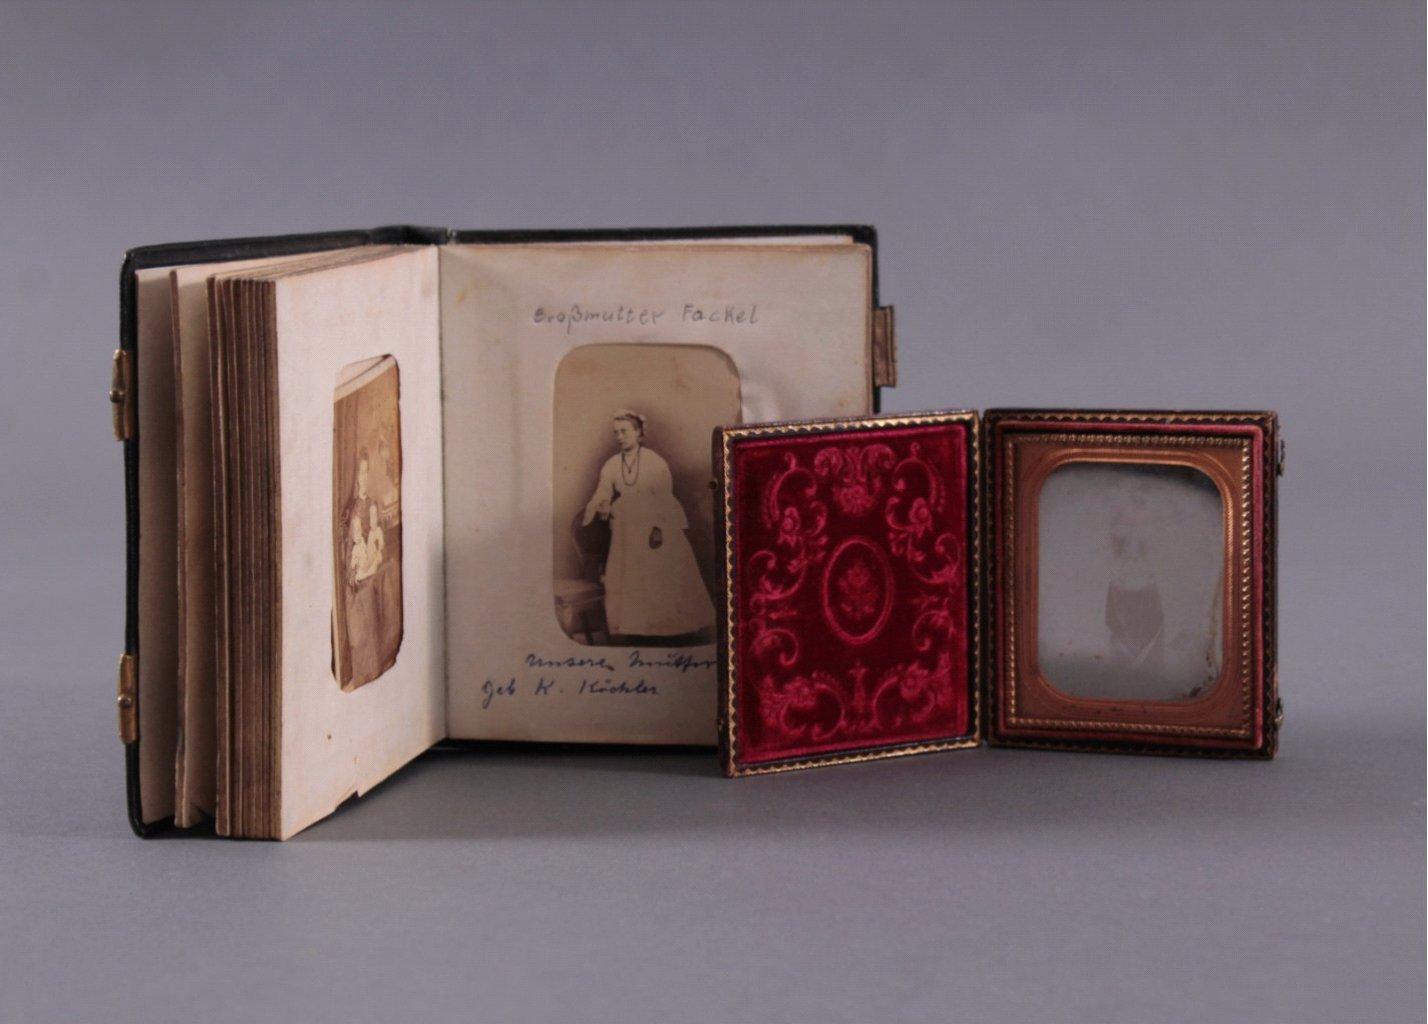 Fotoalbum und Taschen-Fotorahmen um 1900-1